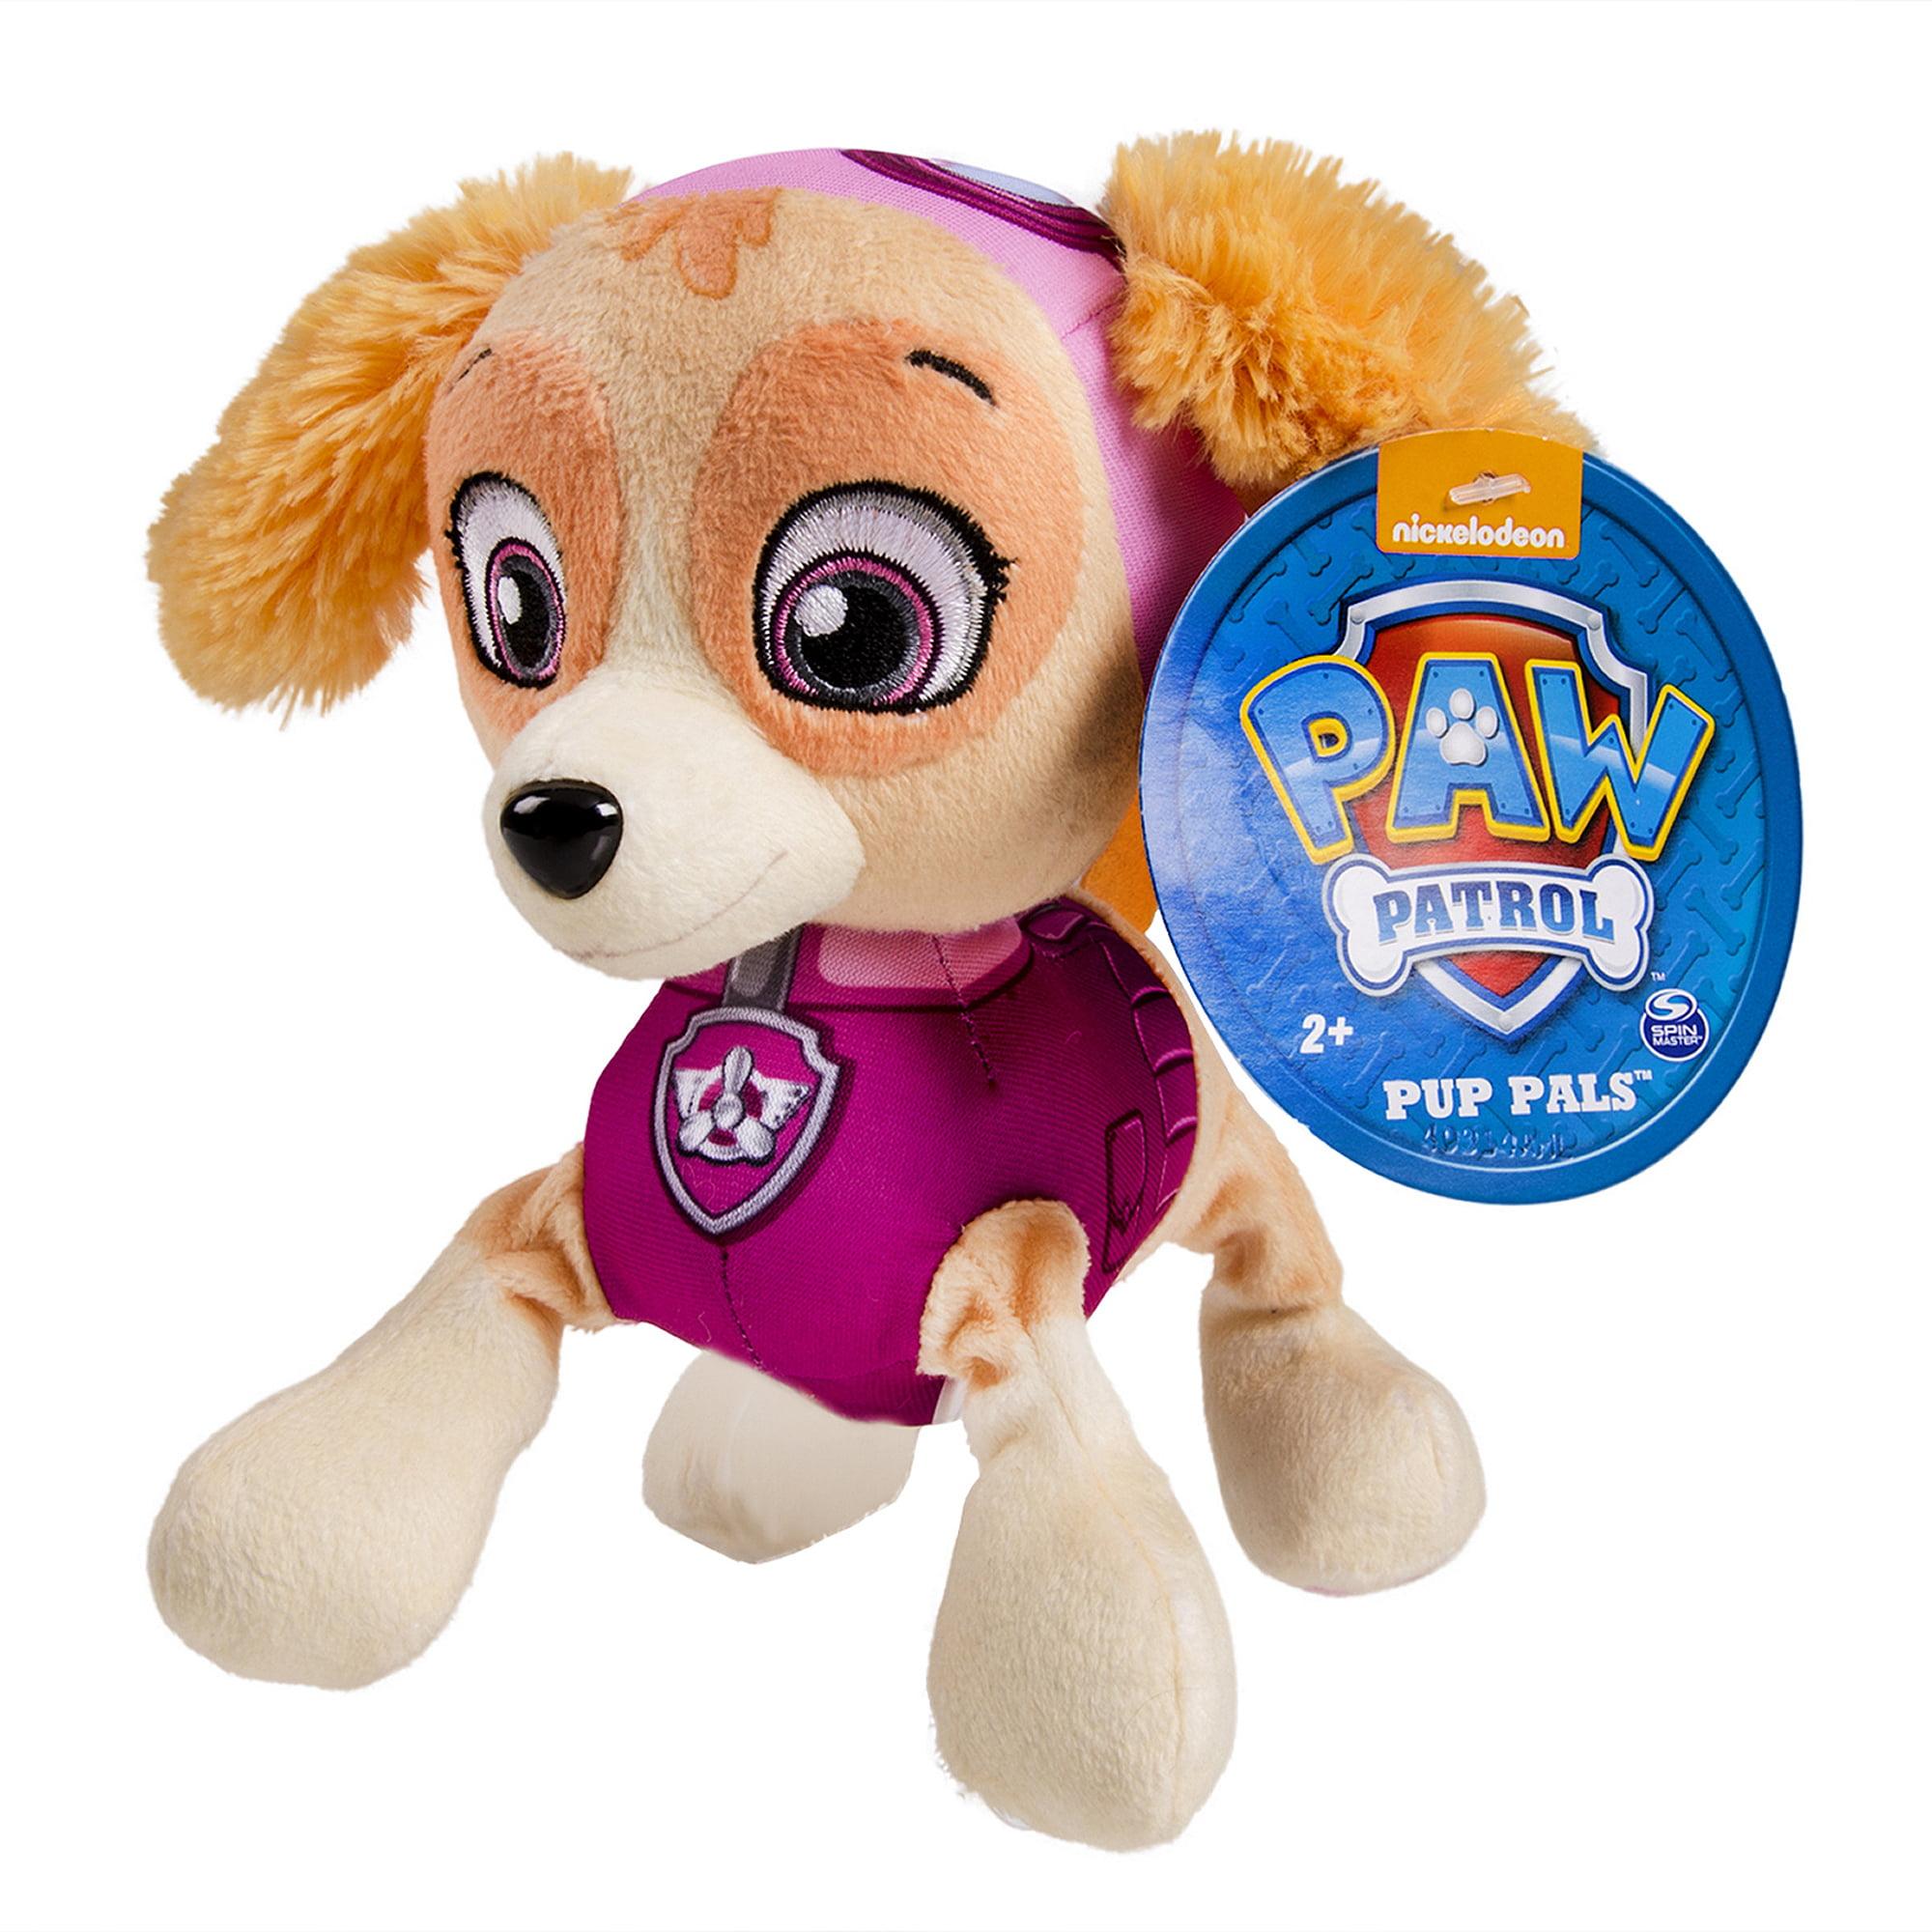 """Nickelodeon Paw Patrol 8"""" Plush Pup Pals Chase Walmart"""